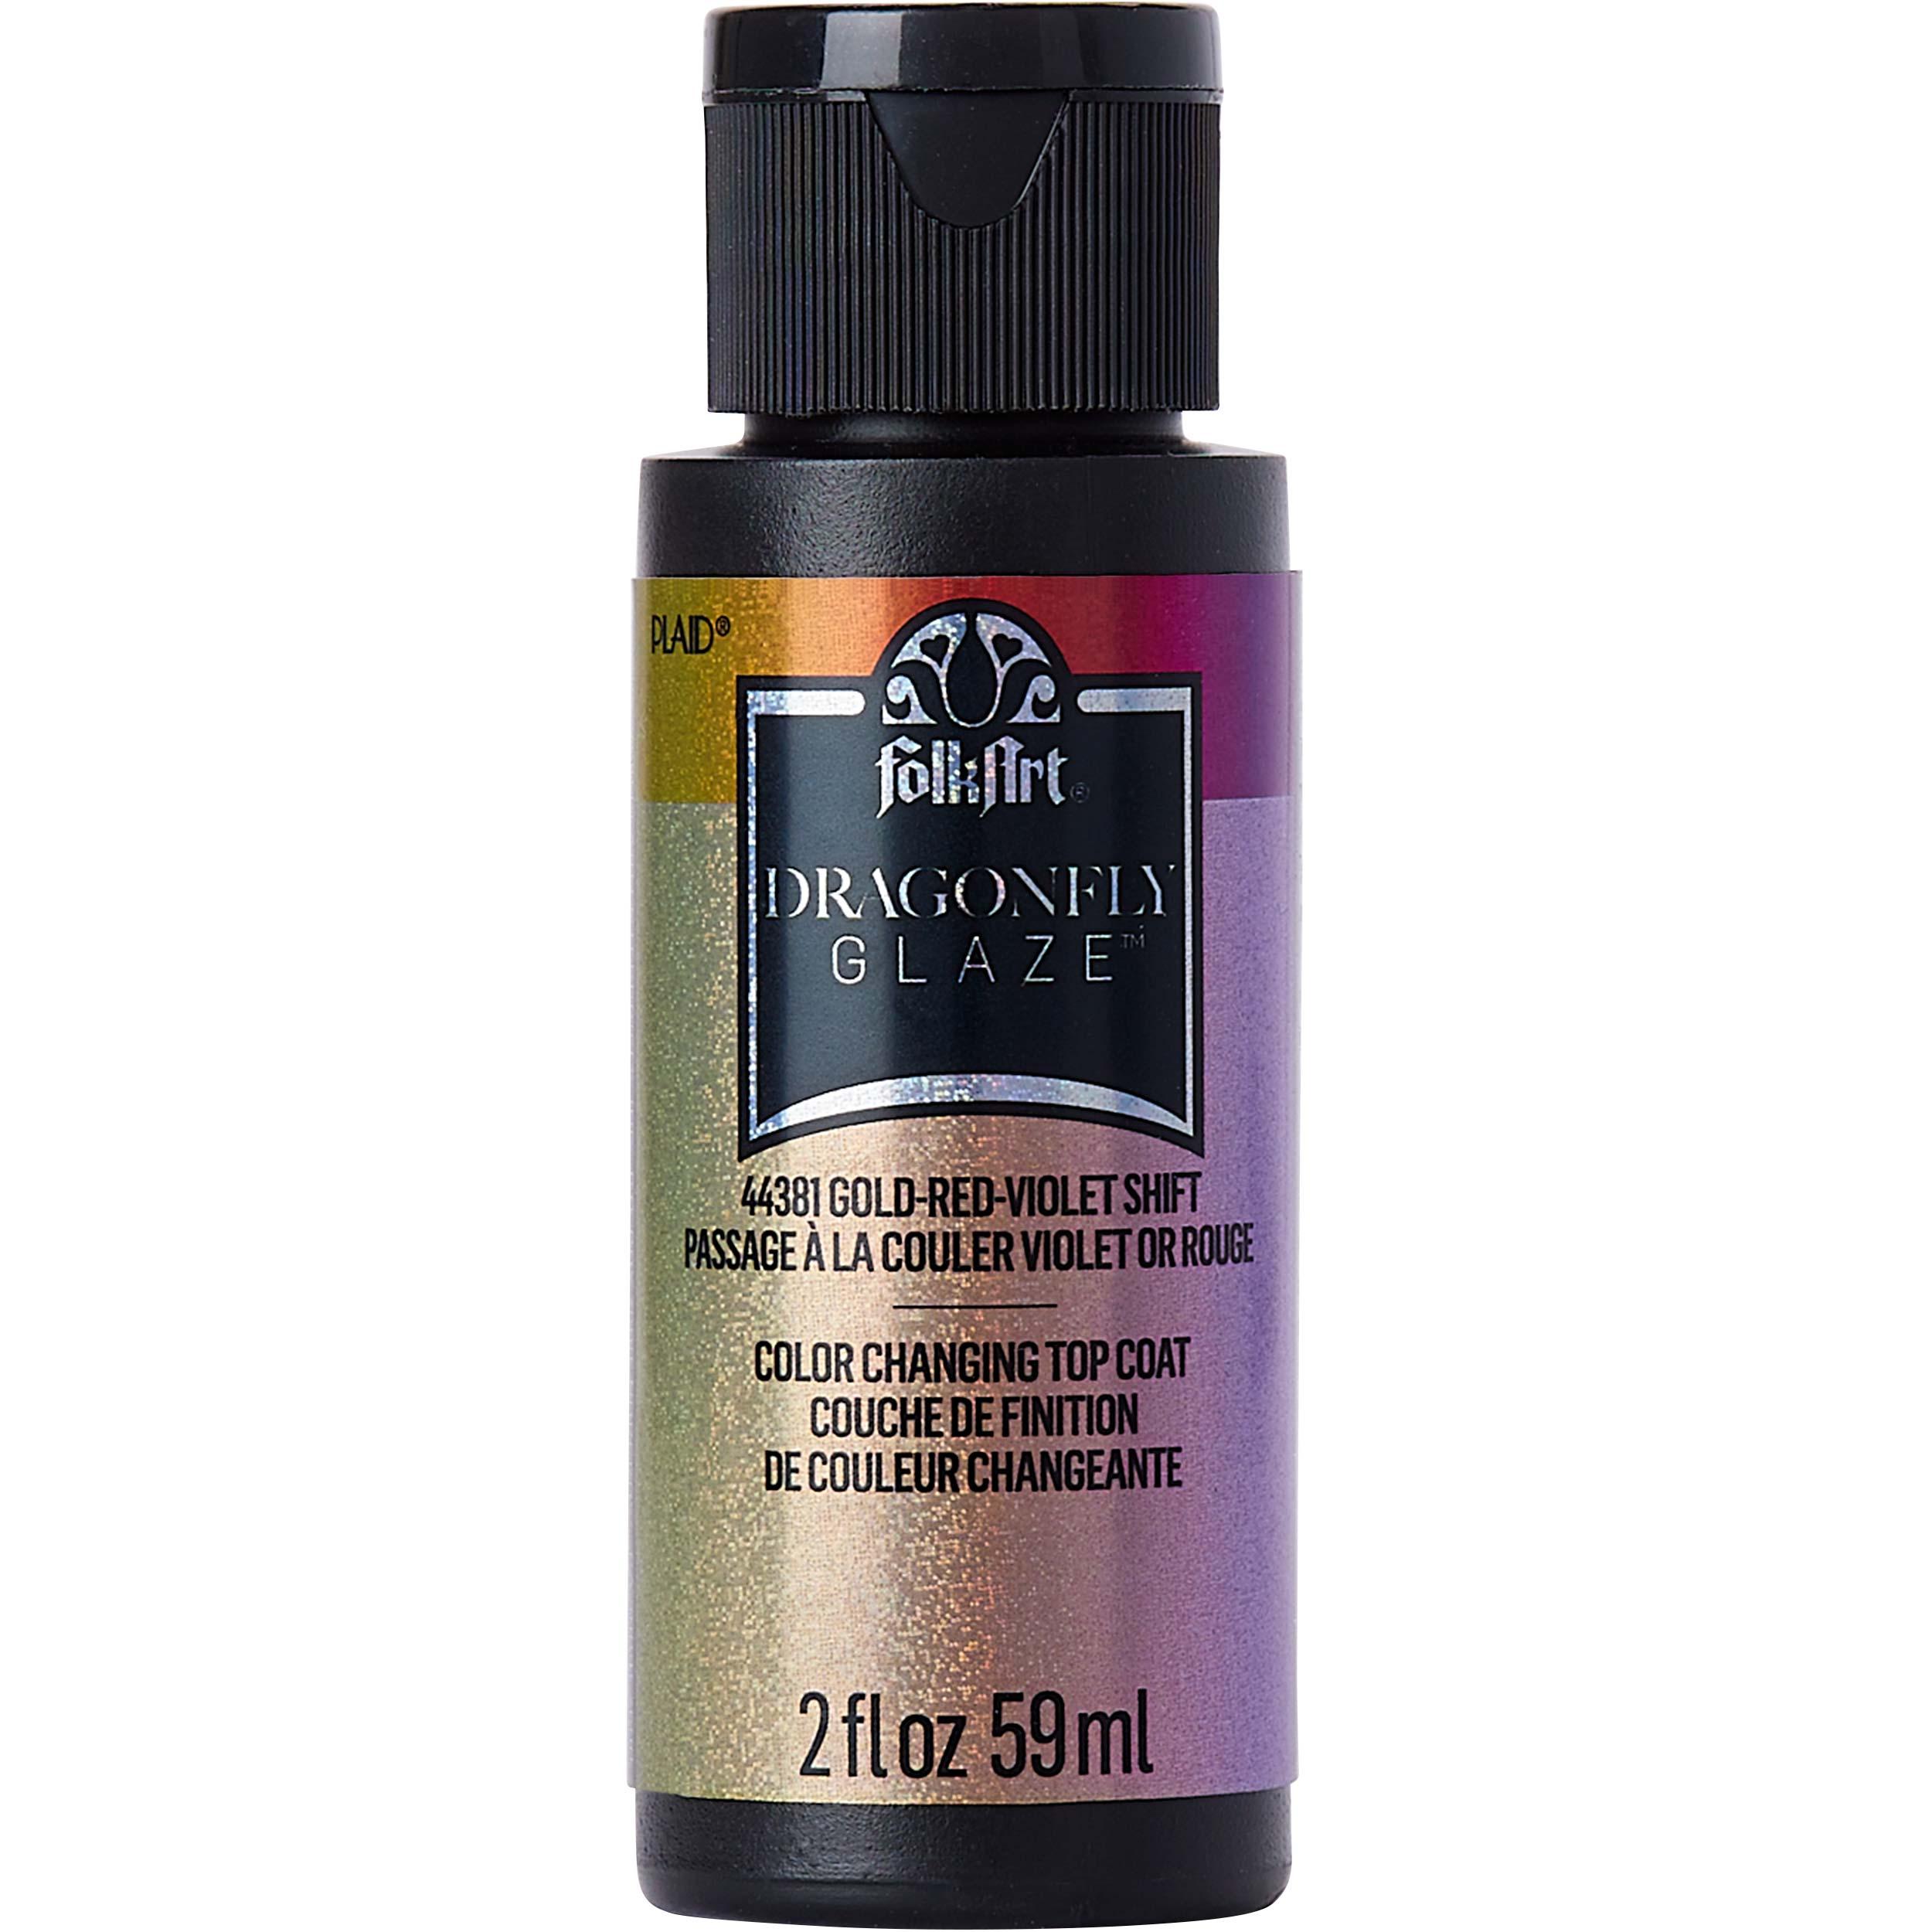 FolkArt ® Dragonfly Glaze™ - Gold-Red-Violet, 2 oz.